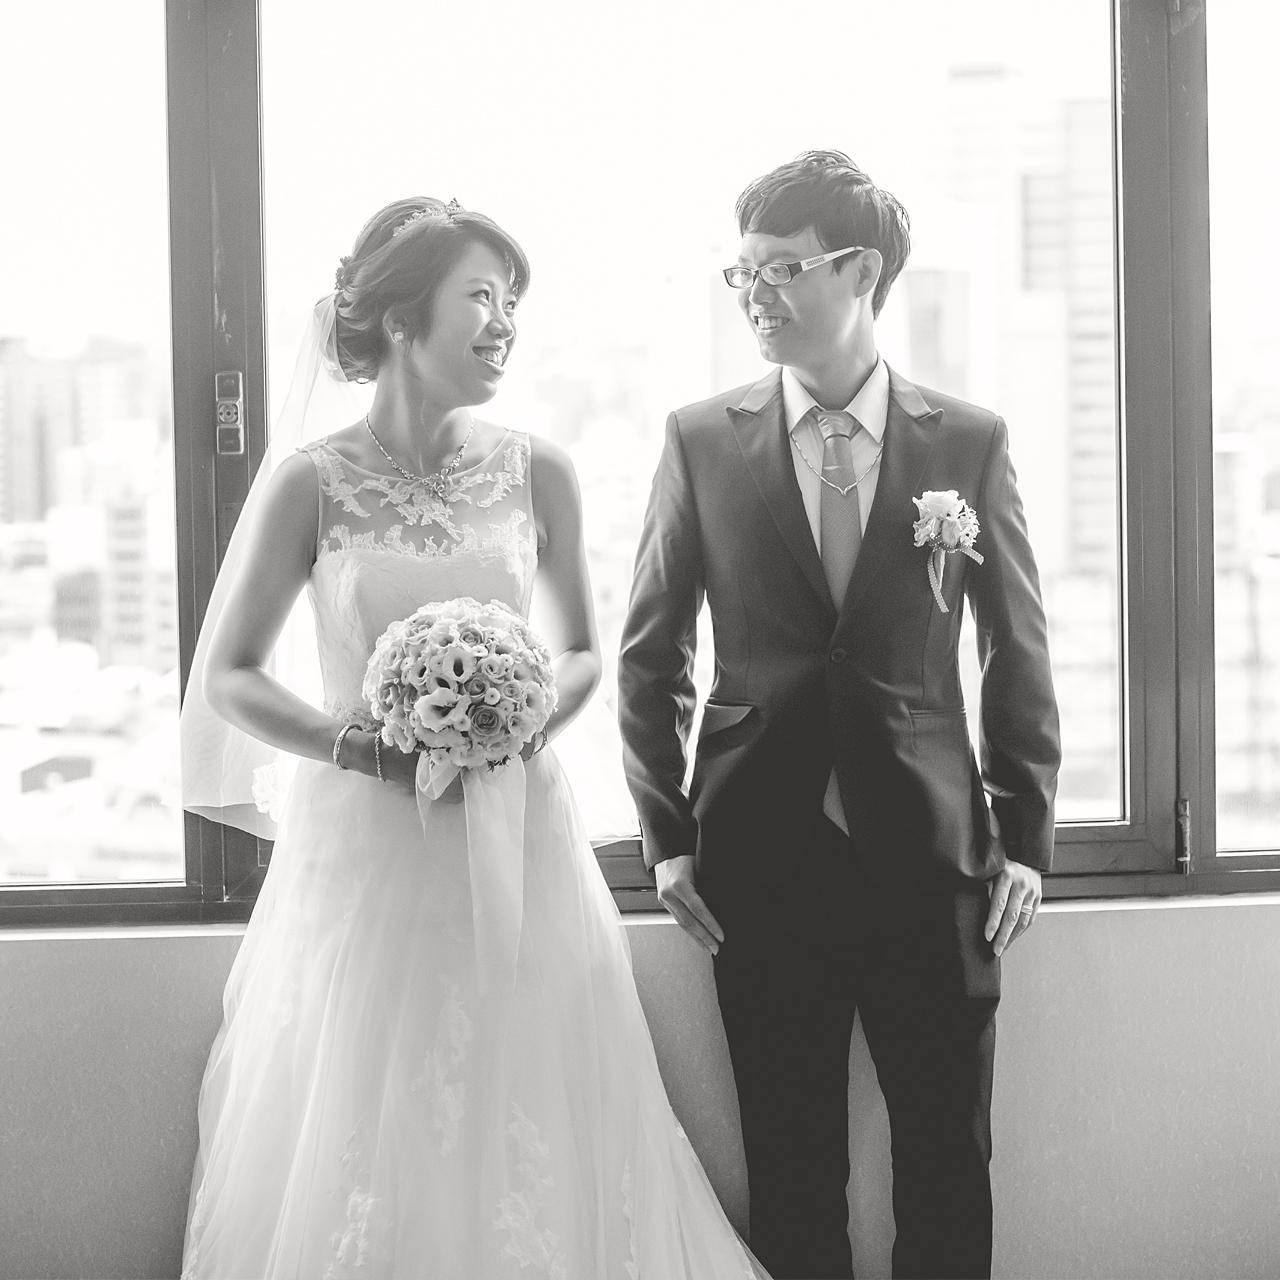 宗翰&曉明 結婚 高雄麗尊